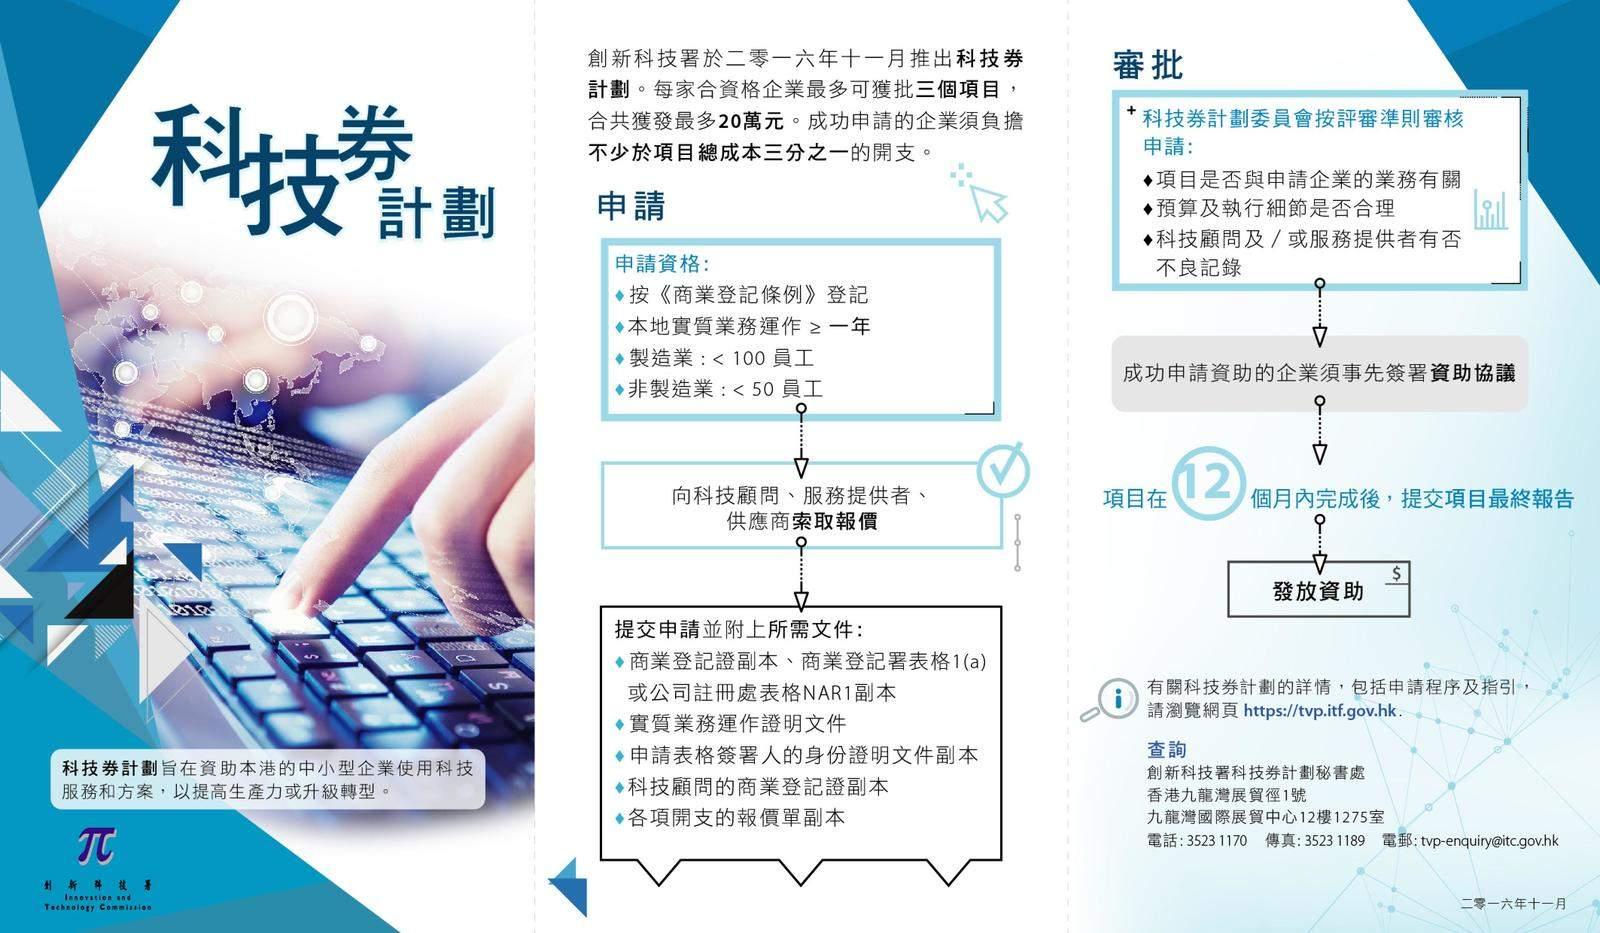 科技券計劃今起接受申請 2:1 配對方式中小企最多可獲 20 萬資助 - UNWIRE.PRO